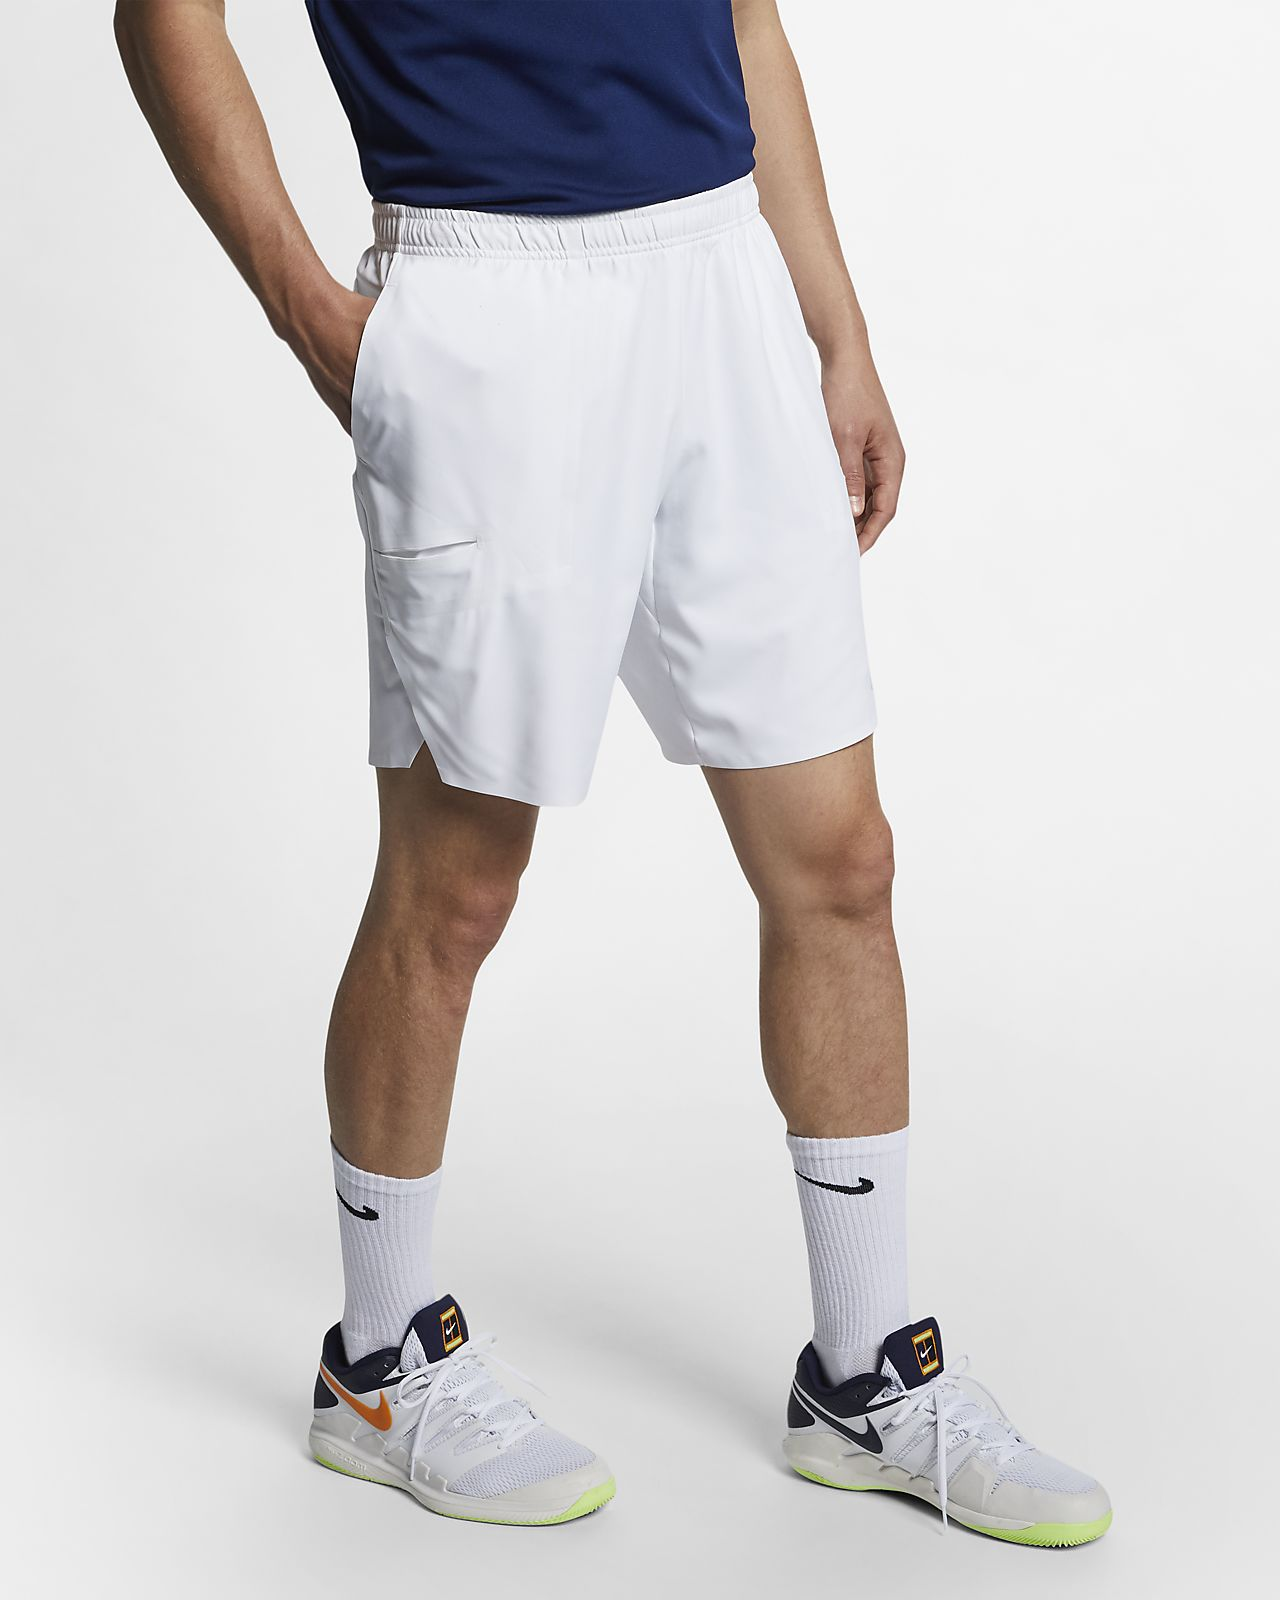 Shorts da tennis 23 cm NikeCourt Flex Ace - Uomo